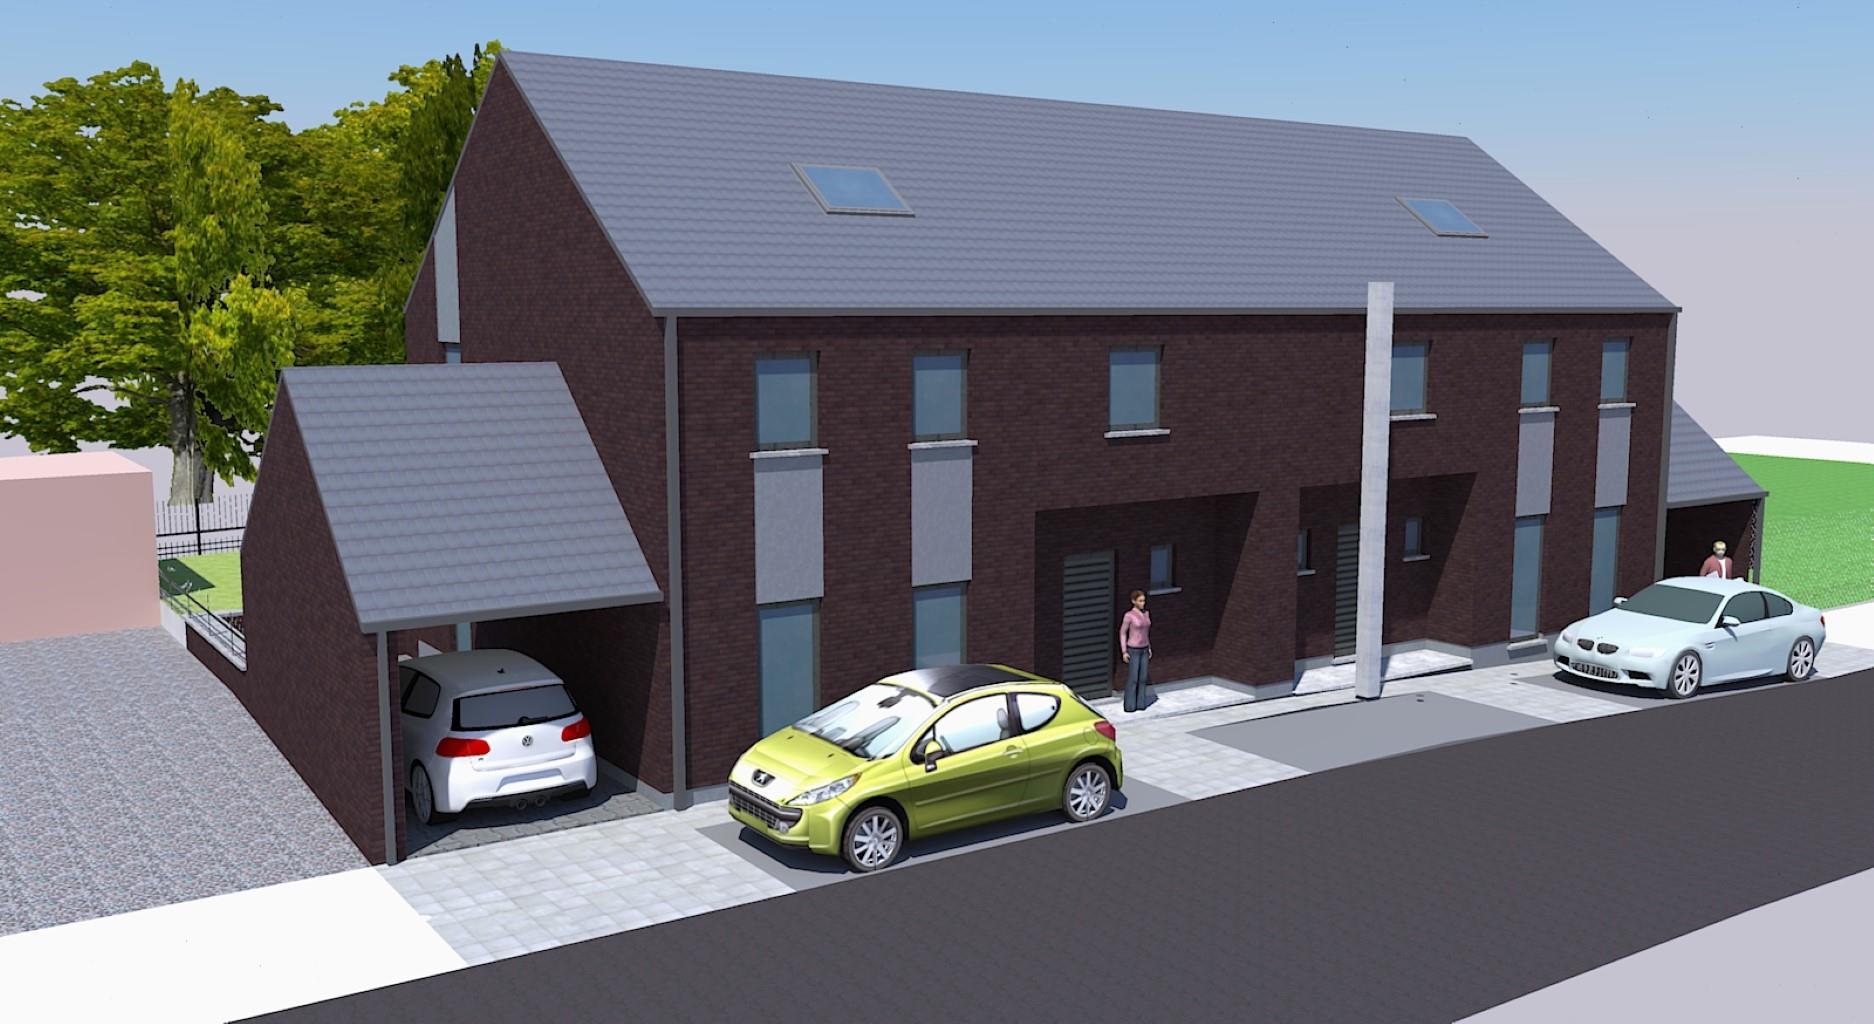 Lot de 2 maisons 3 façades - Ittre - #3191927-3